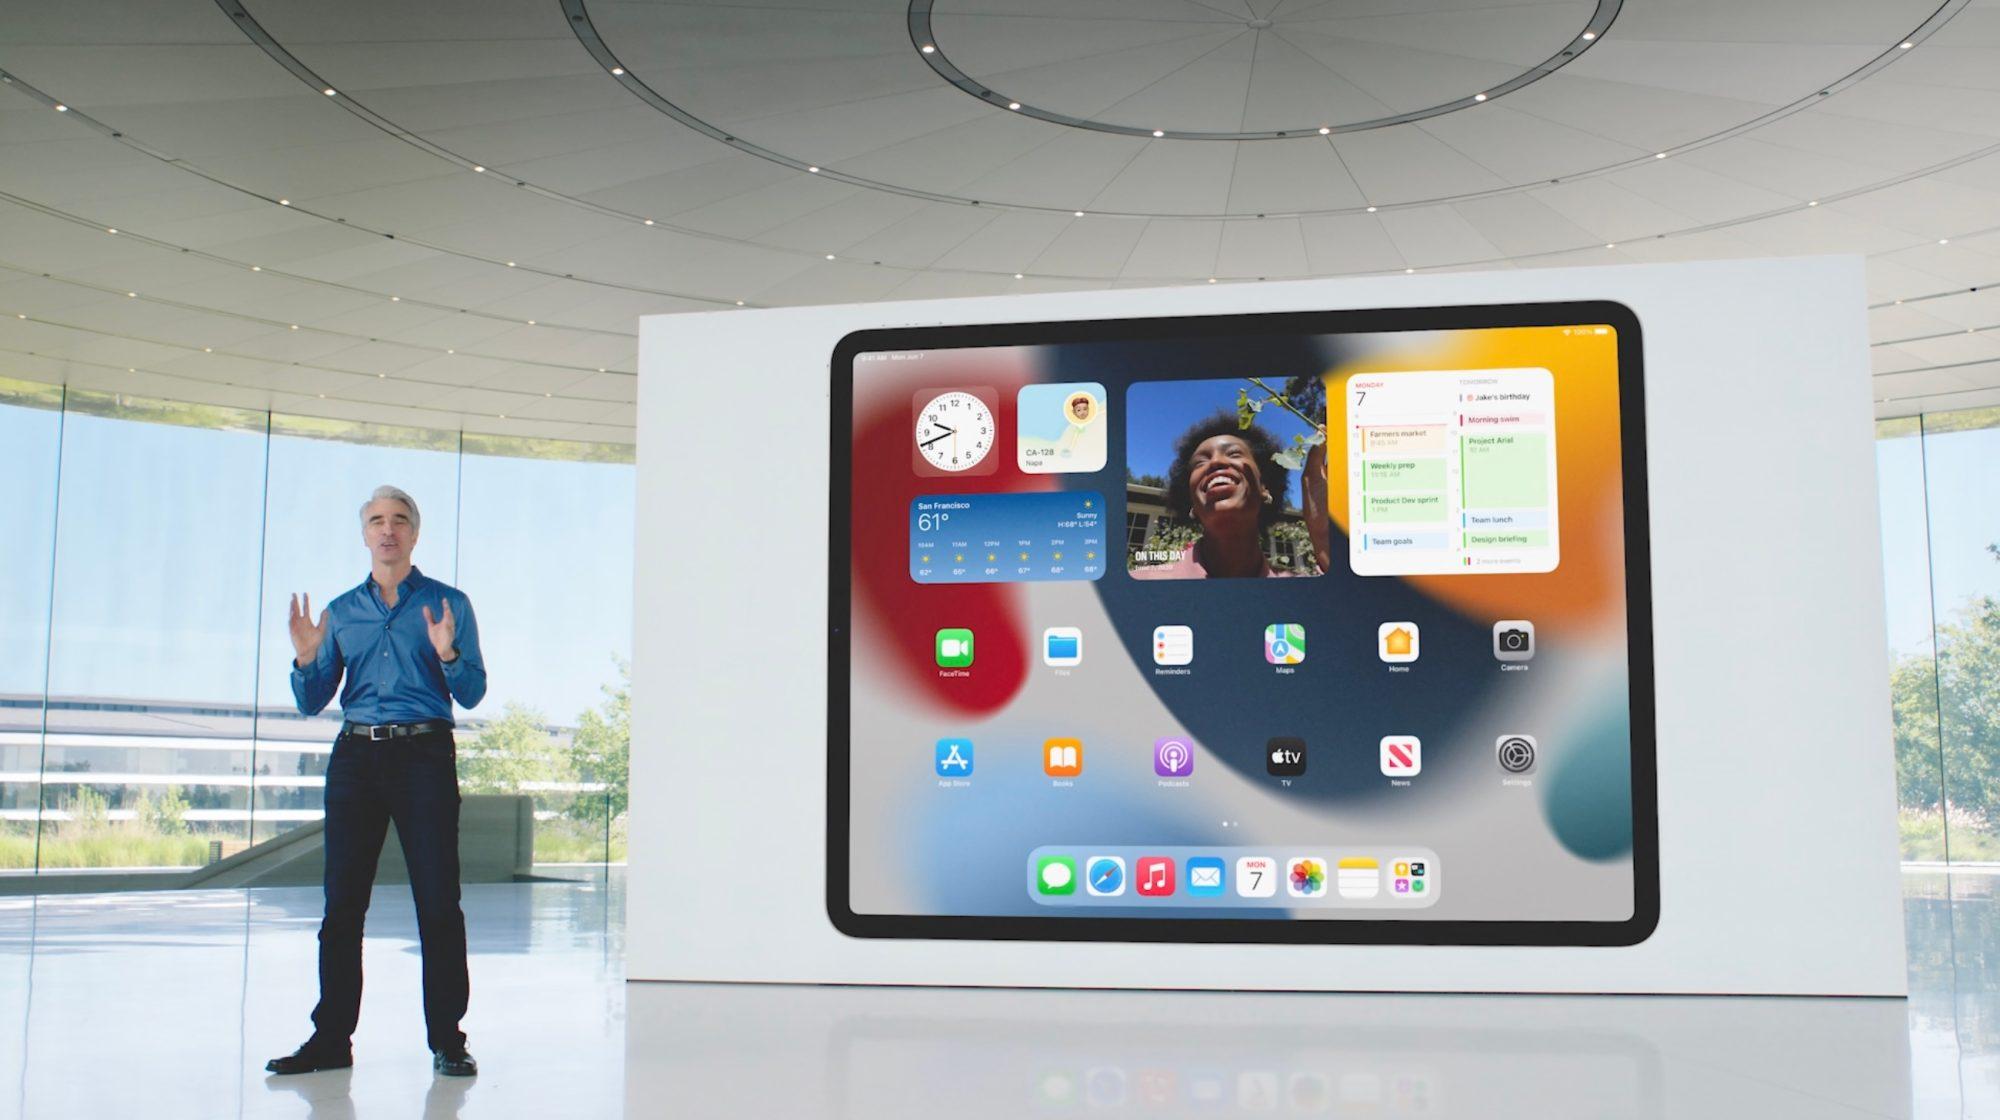 آیپدهایی که از iPadOS 15 پشتیبانی میکنند